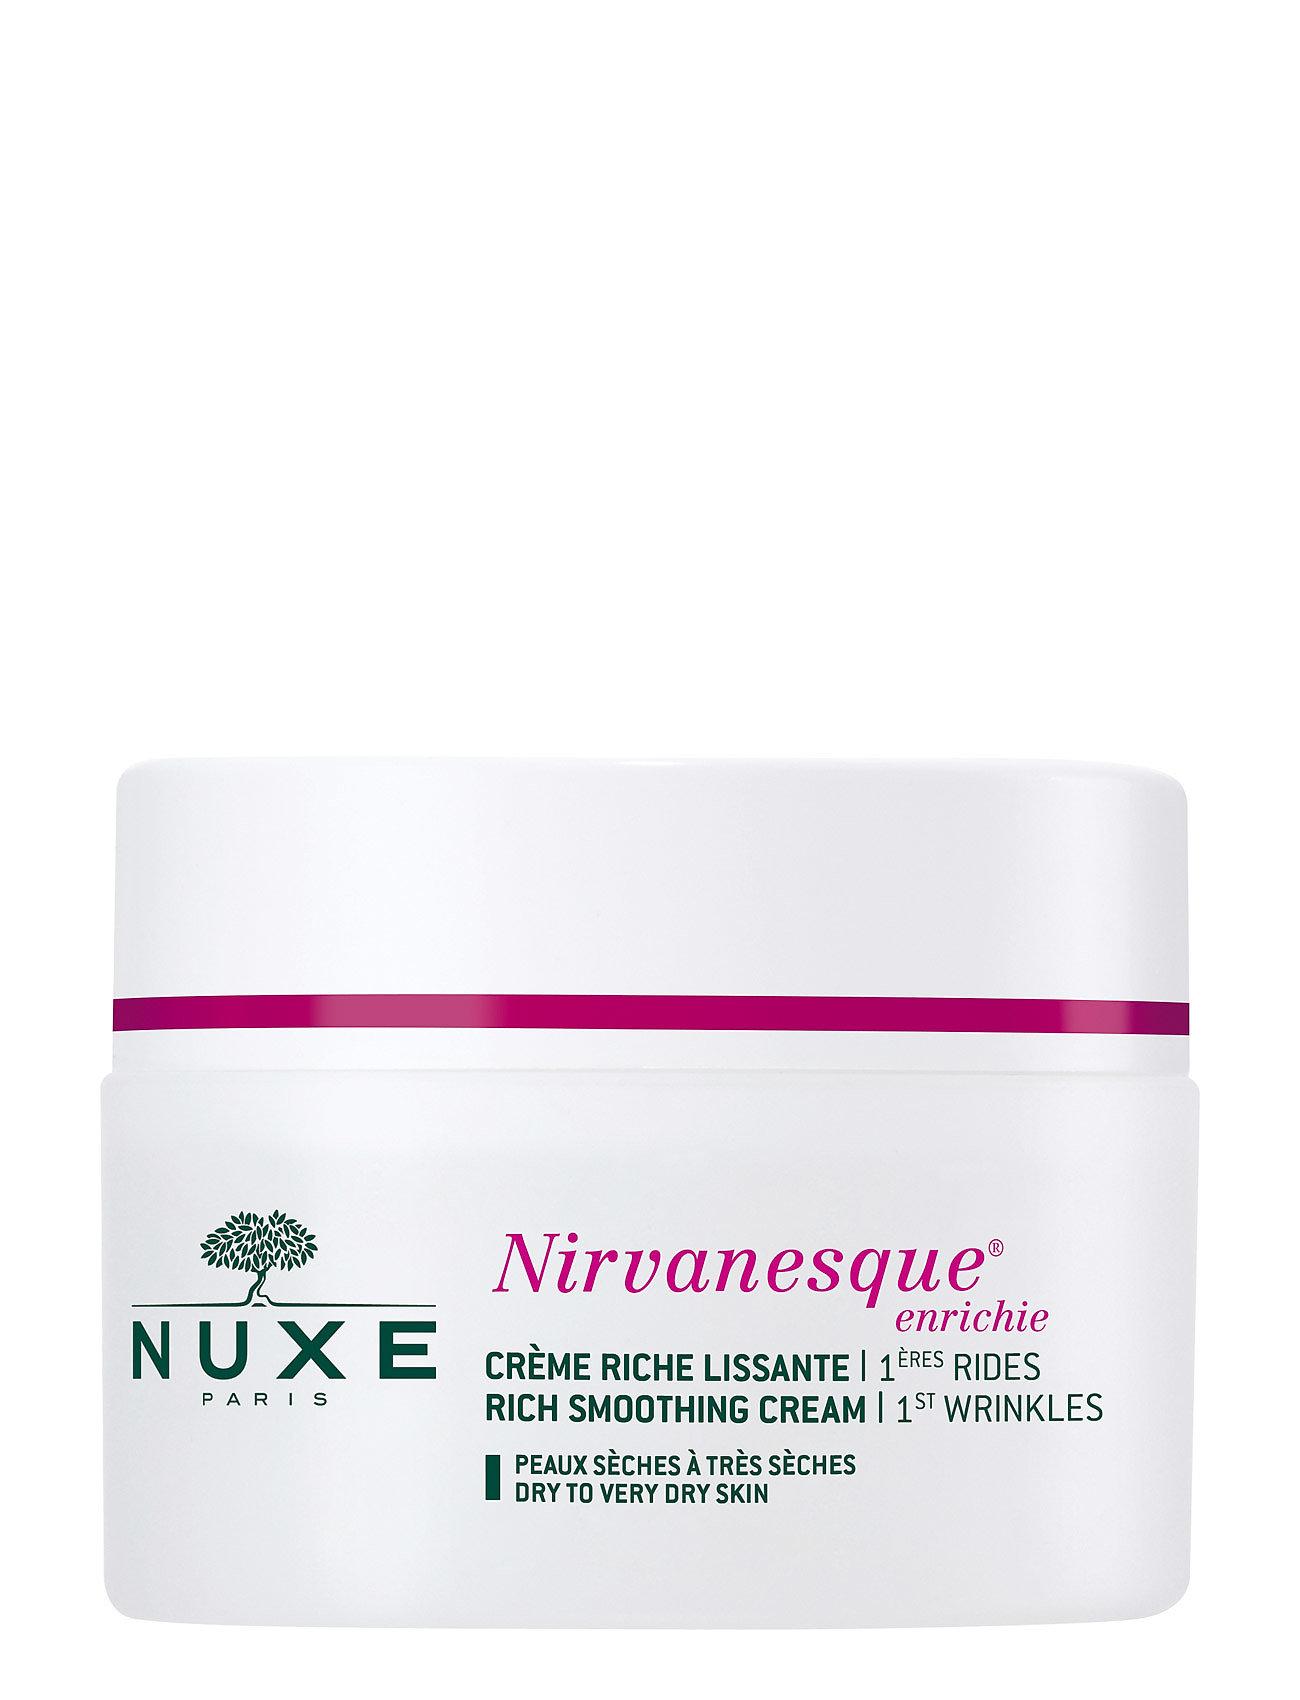 nuxe – Nirvanesque enrichie på boozt.com dk